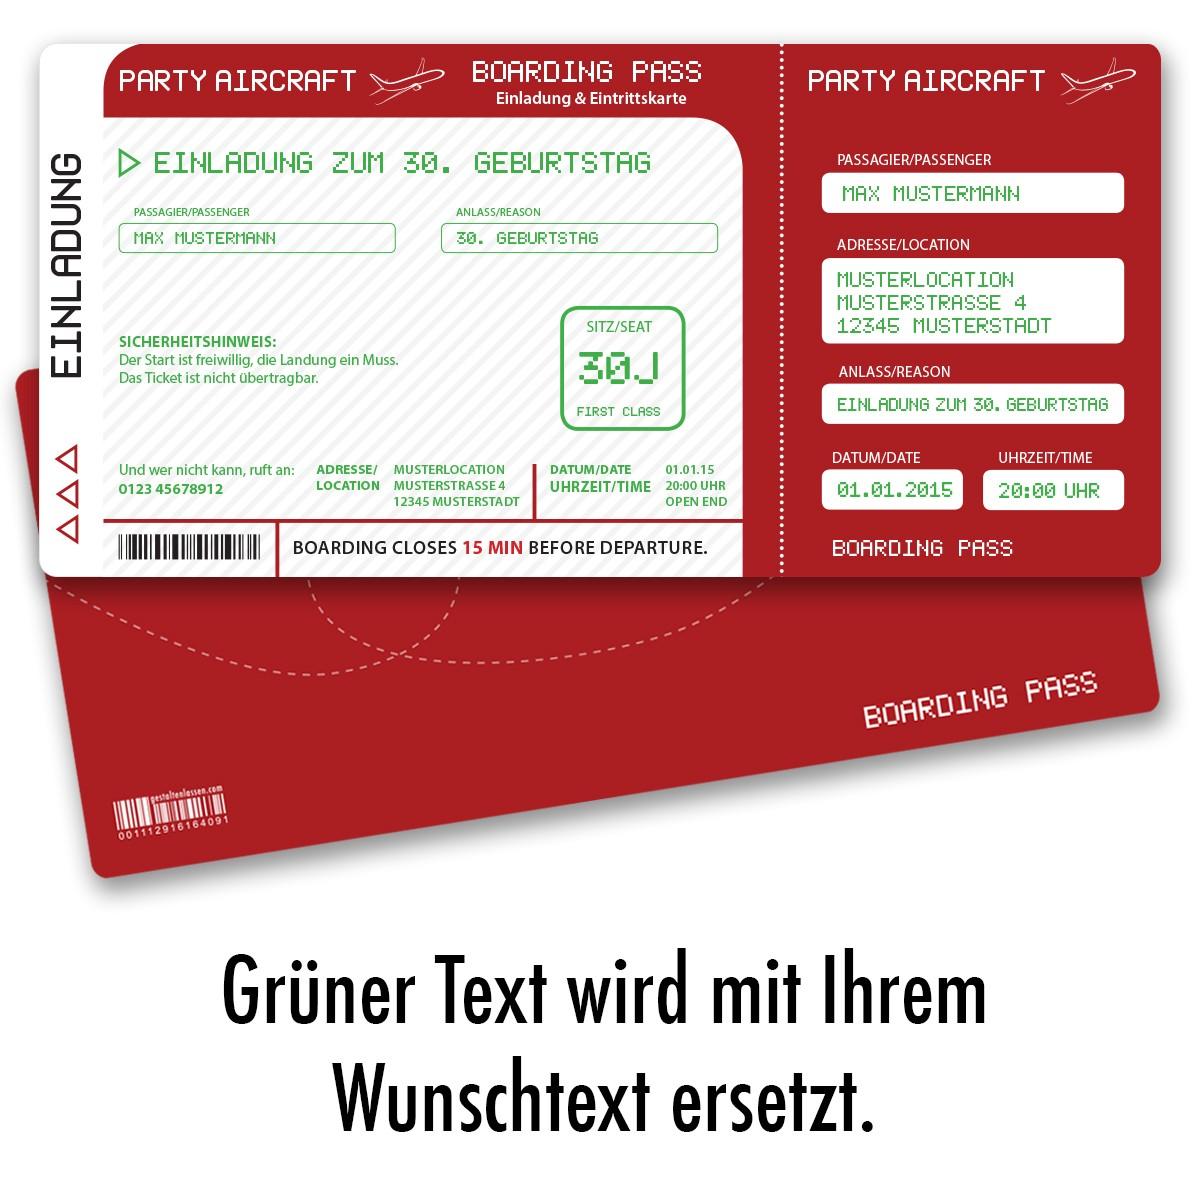 Einladungskarten als Flugticket Rot ab 55 Cent / Einladung ...